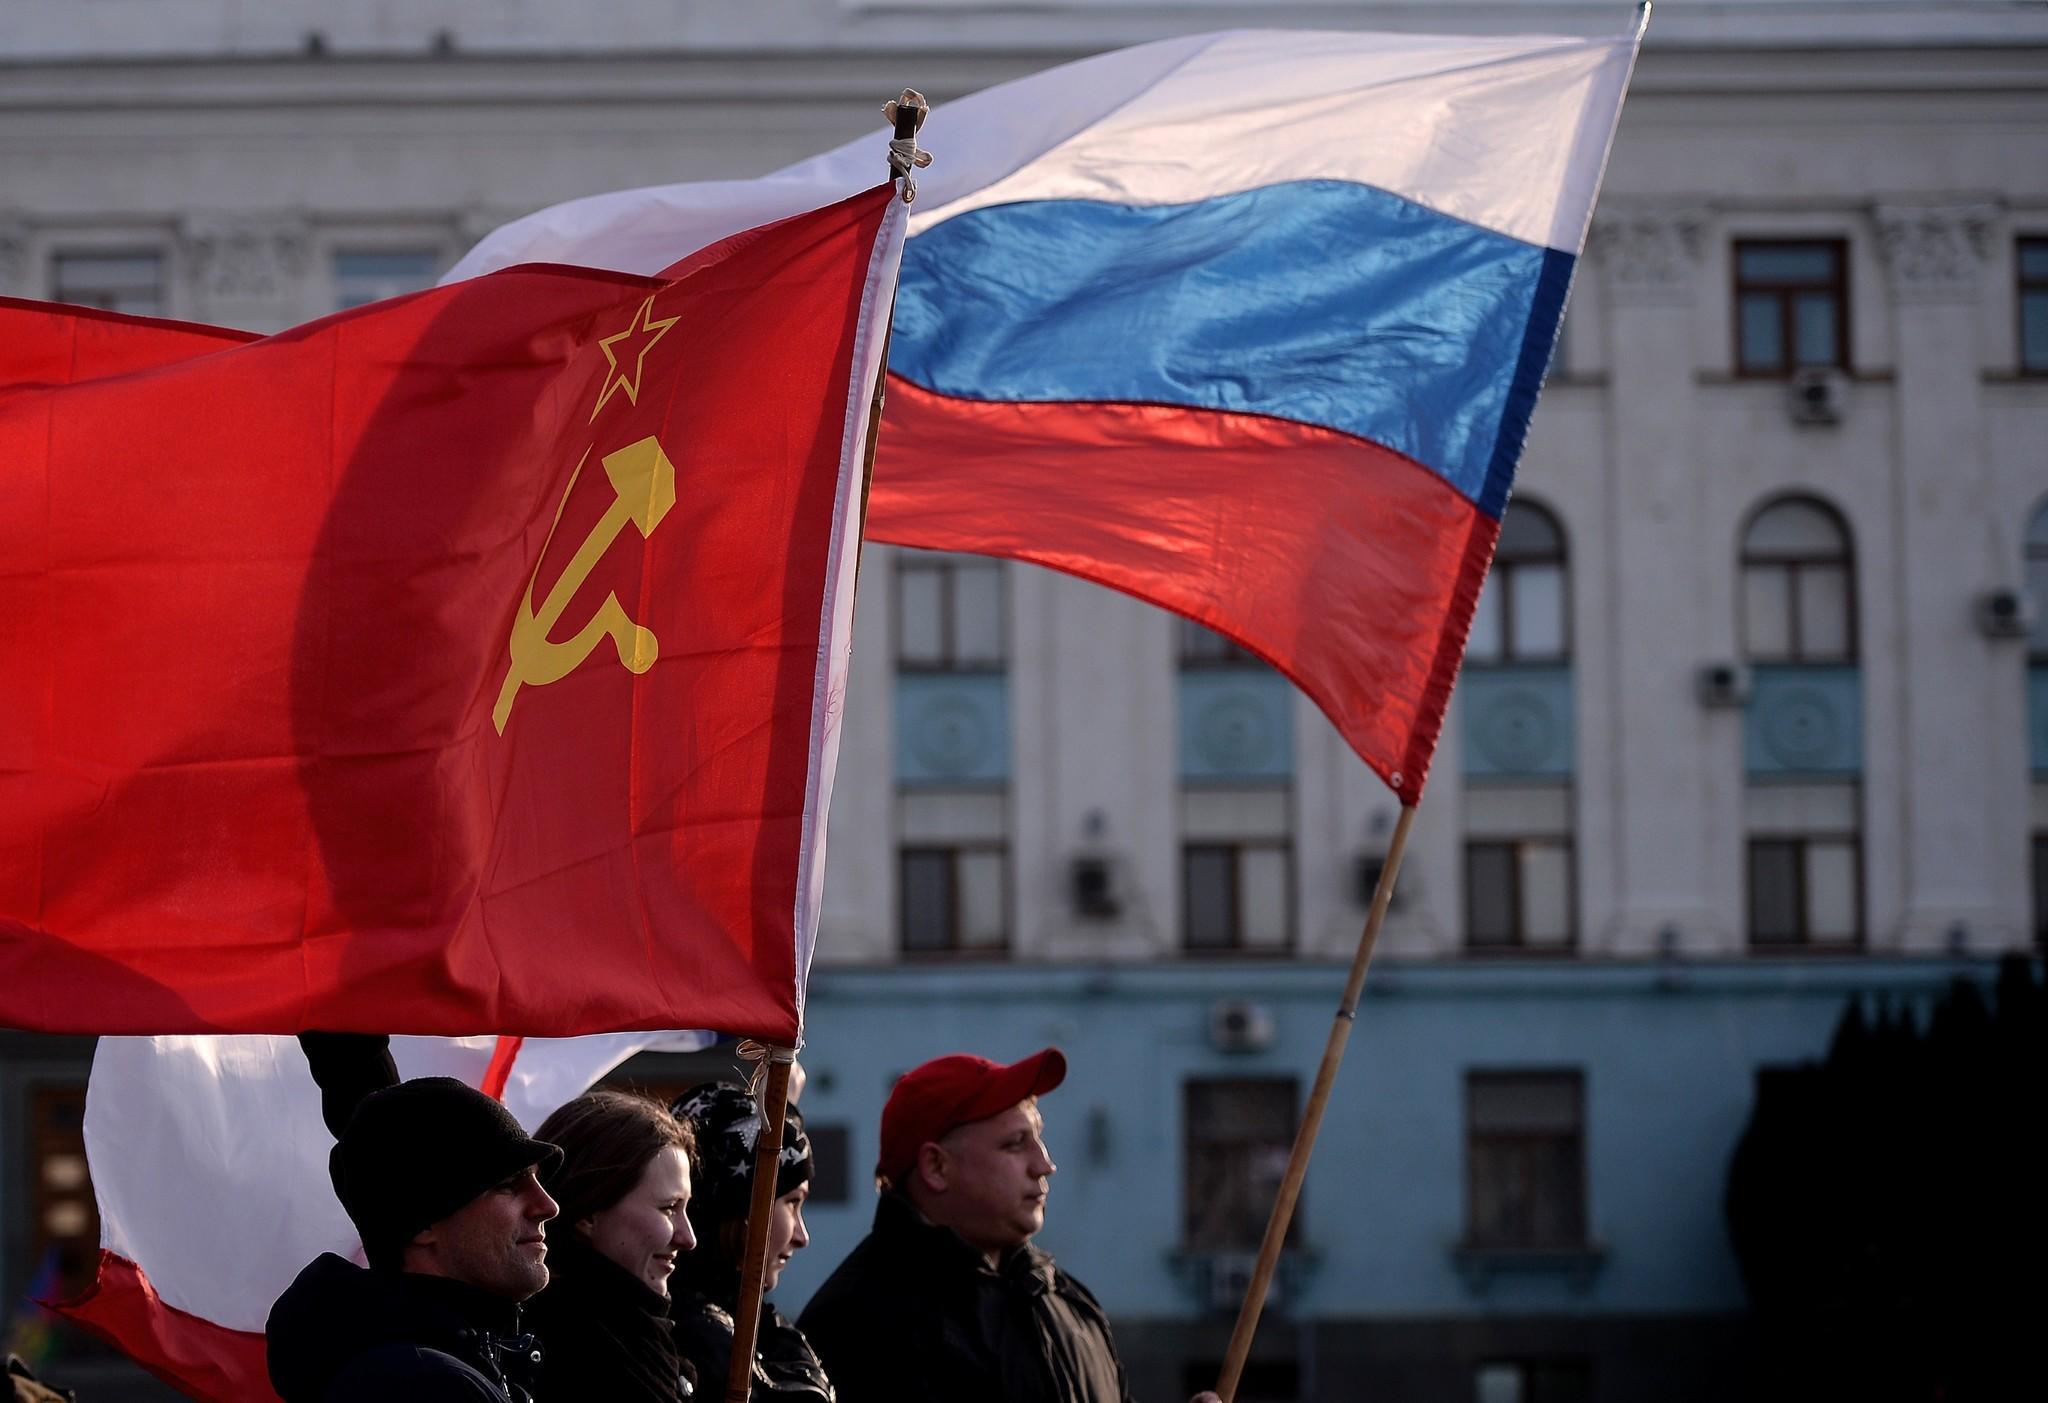 la-fg-wn-crimean-voters-go-to-the-polls-to-dec-001